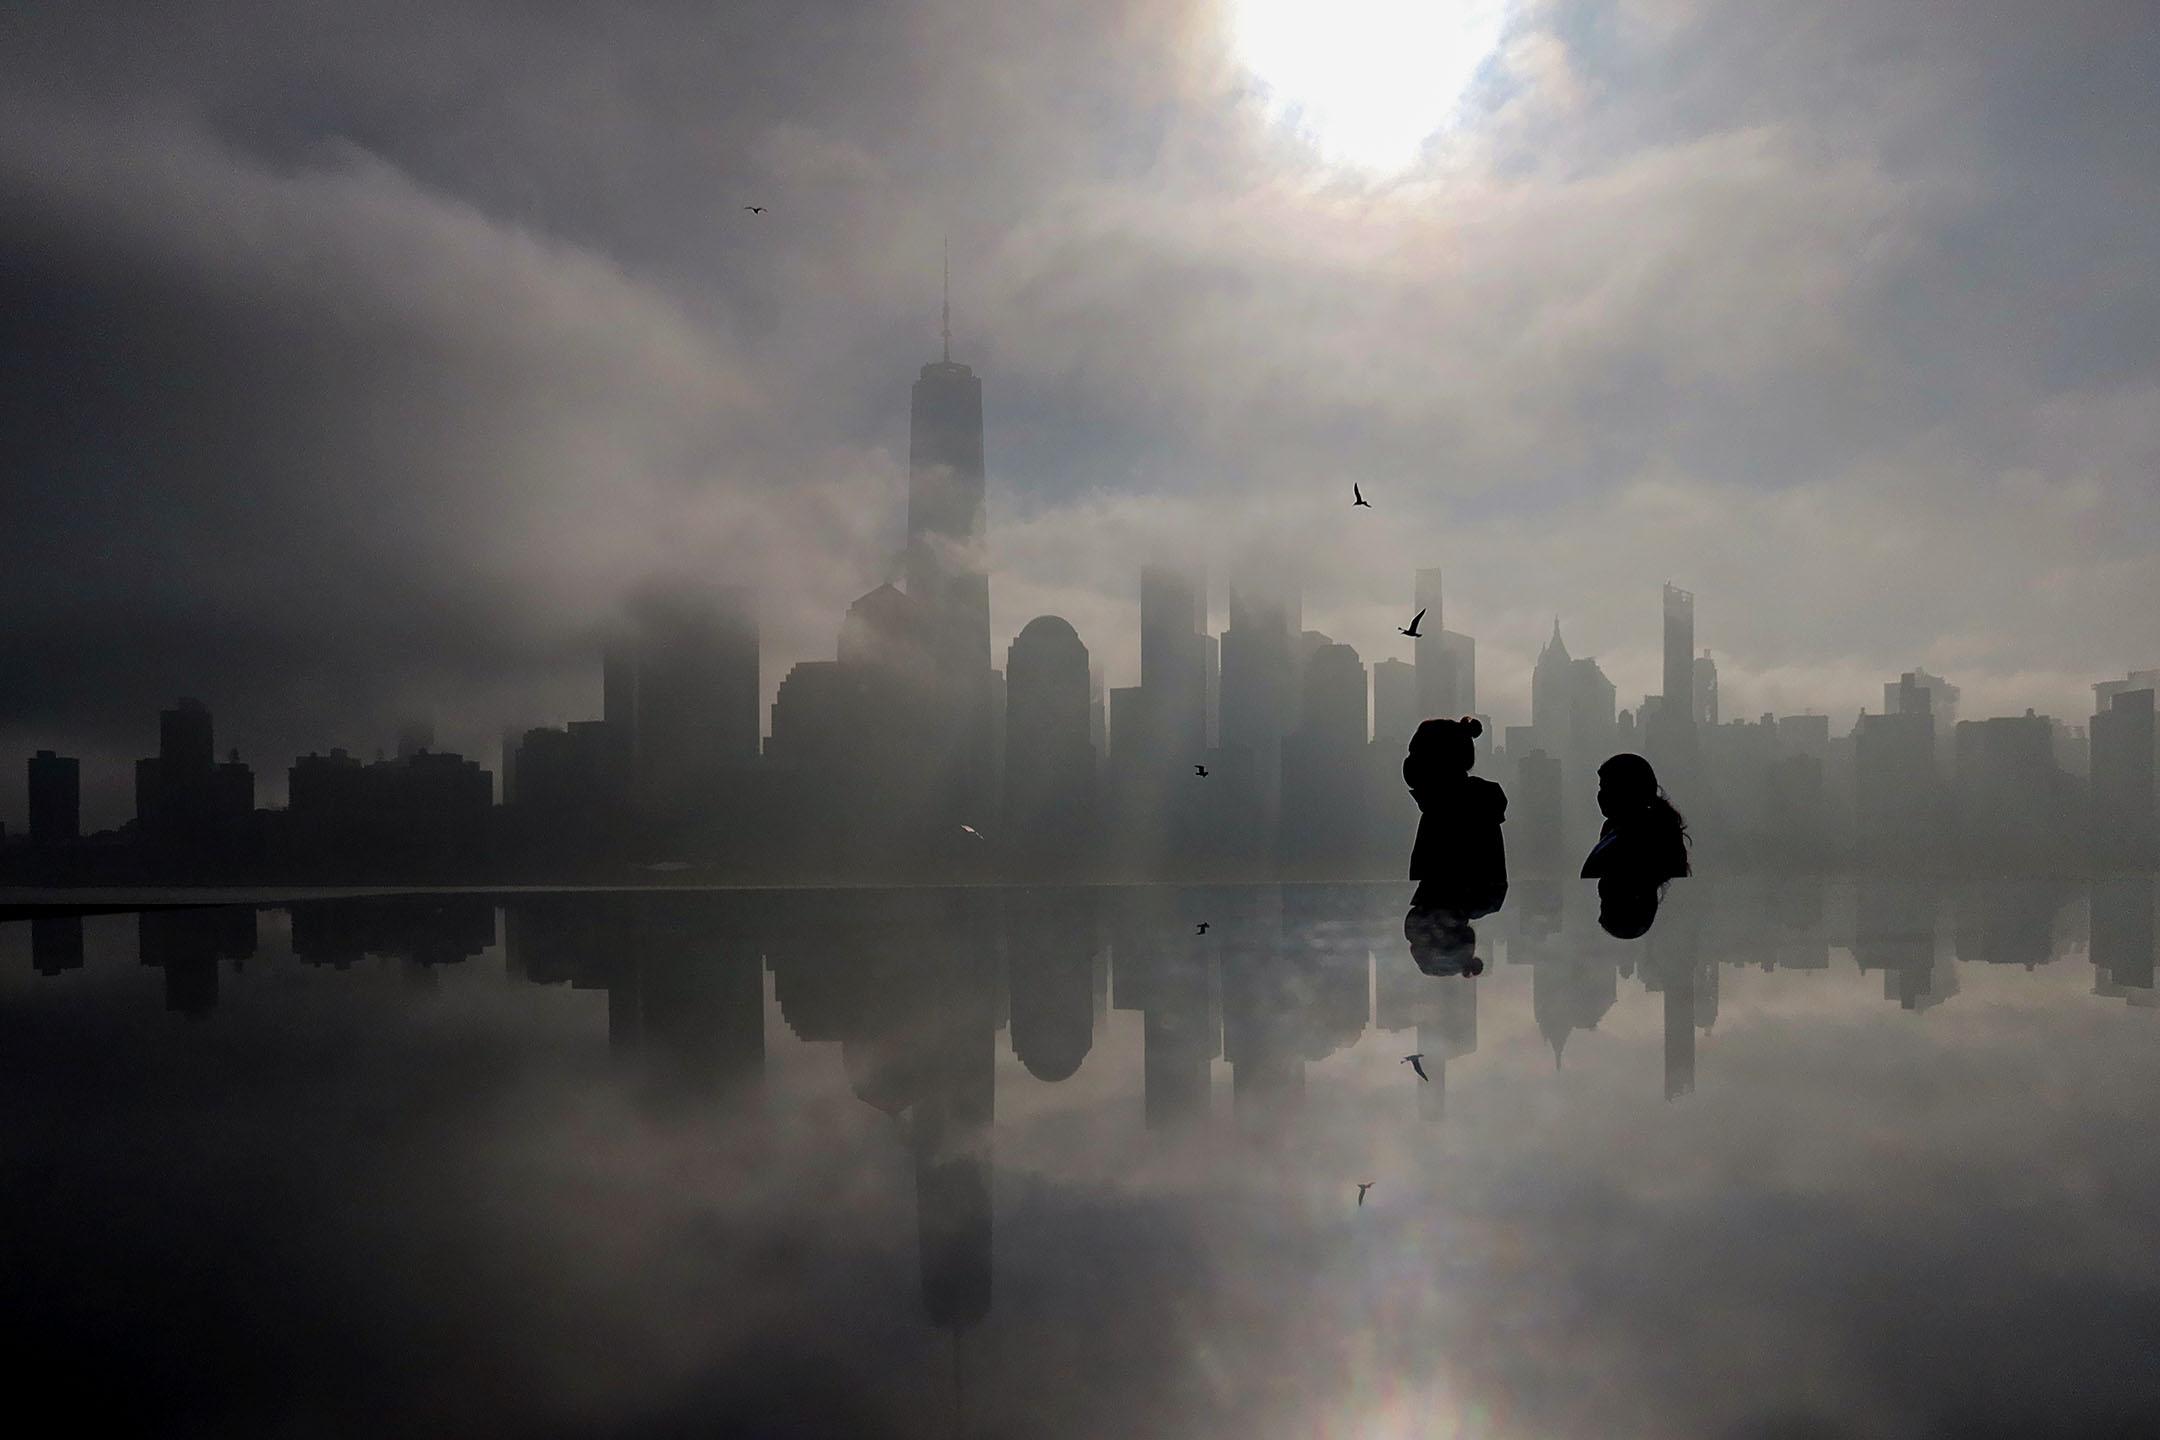 2021年3月23日紐約,濃霧覆蓋曼哈頓。 攝:Gary Hershorn/Getty Images